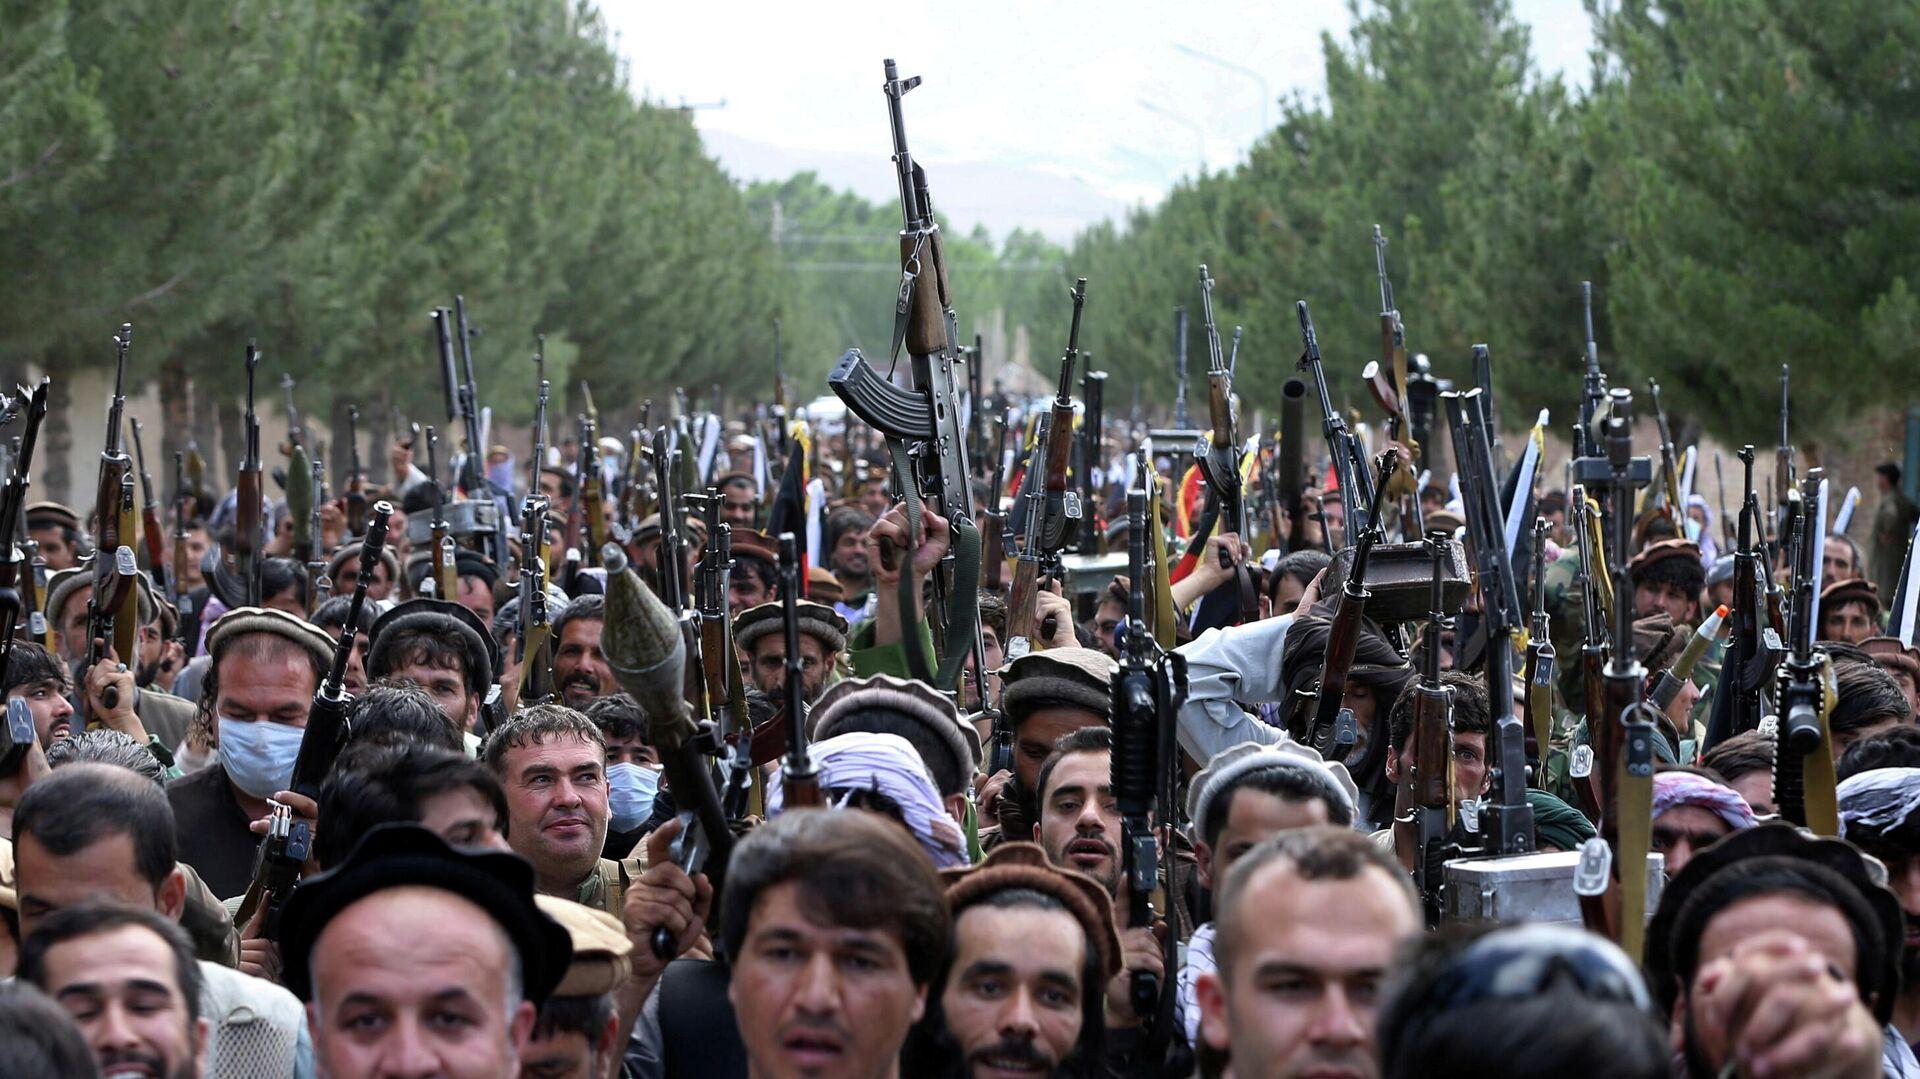 Вооруженные люди во время митинга в Кабуле - РИА Новости, 1920, 02.07.2021